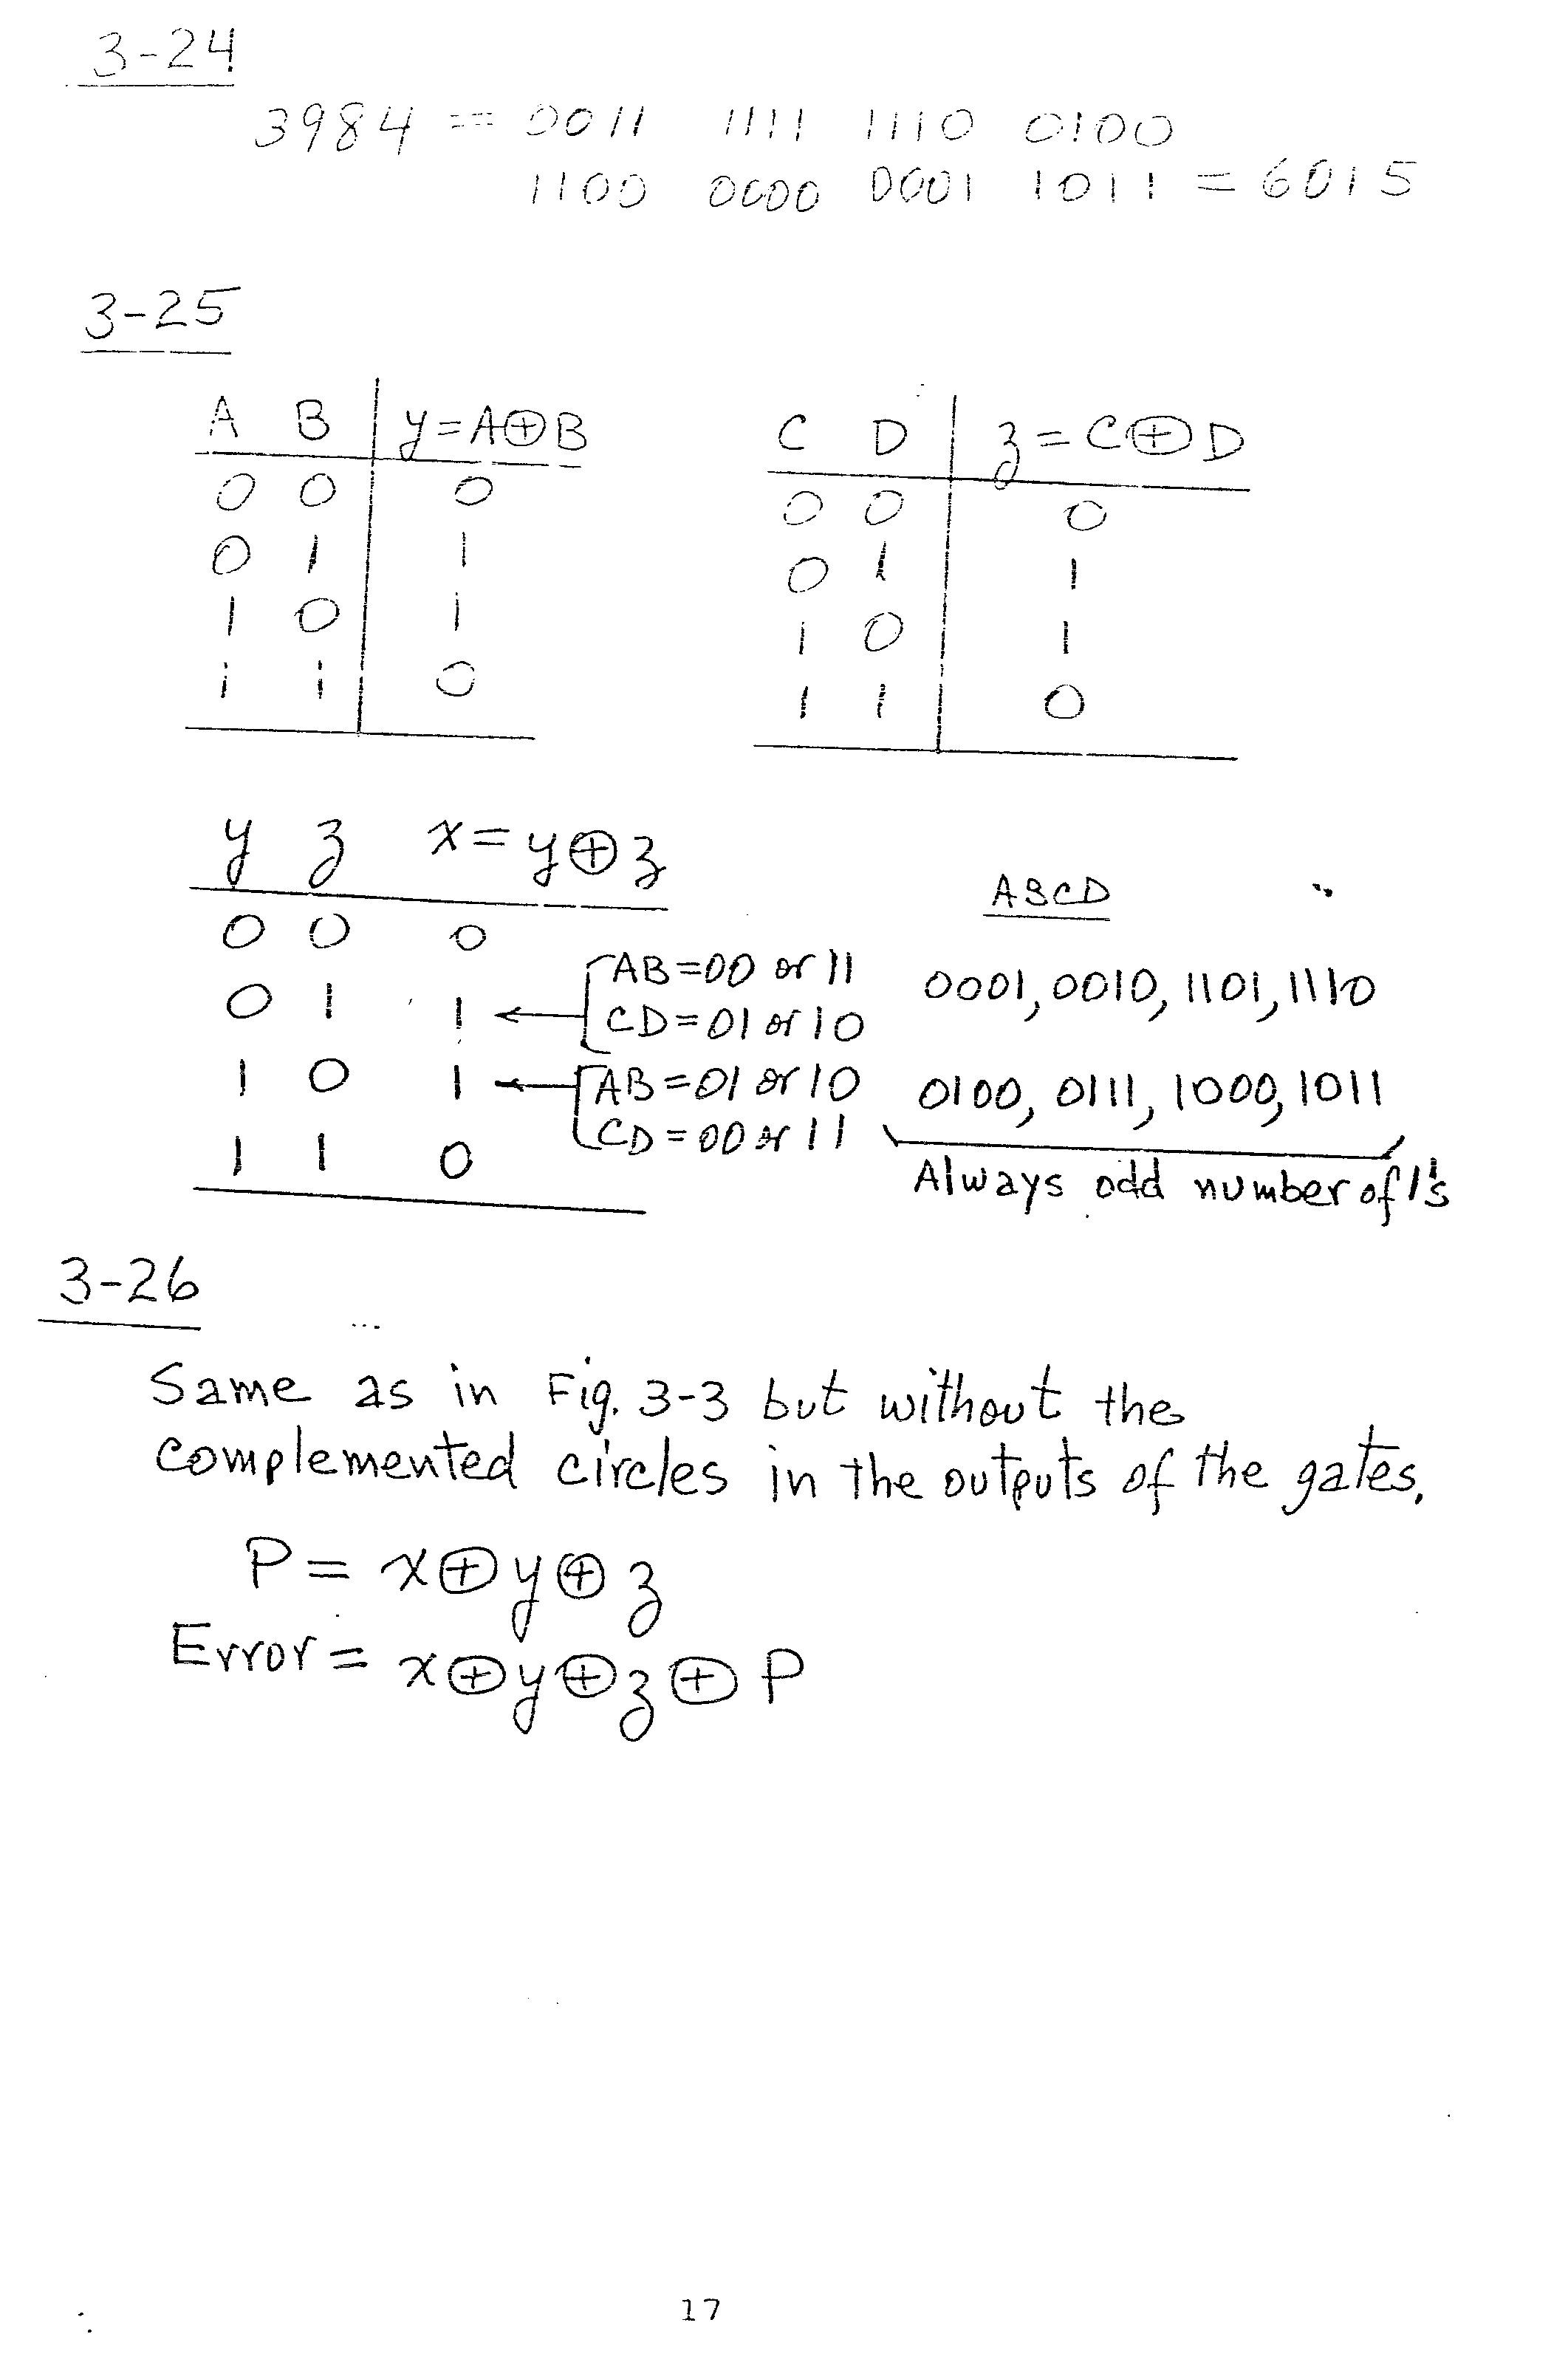 کتاب حل المسائل طراحی دیجیتال (مدار منطقی) نویسنده موریس مانو